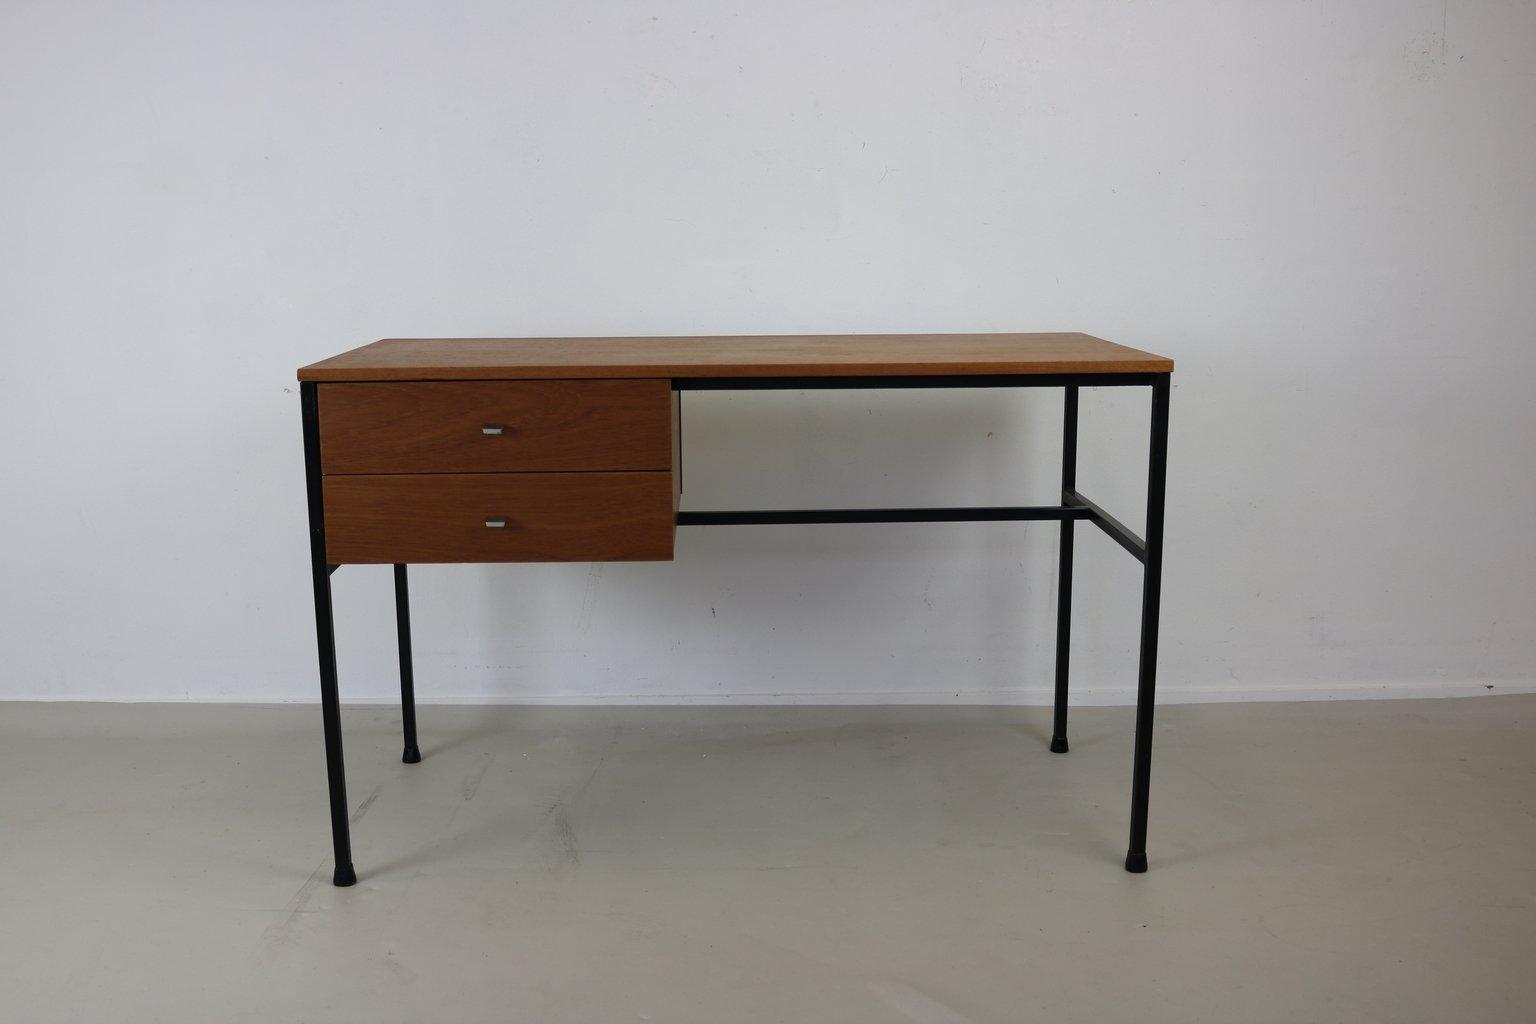 schreibtisch mit zwei schubladen von pierre guariche f r meurop belgium 1965 bei pamono kaufen. Black Bedroom Furniture Sets. Home Design Ideas